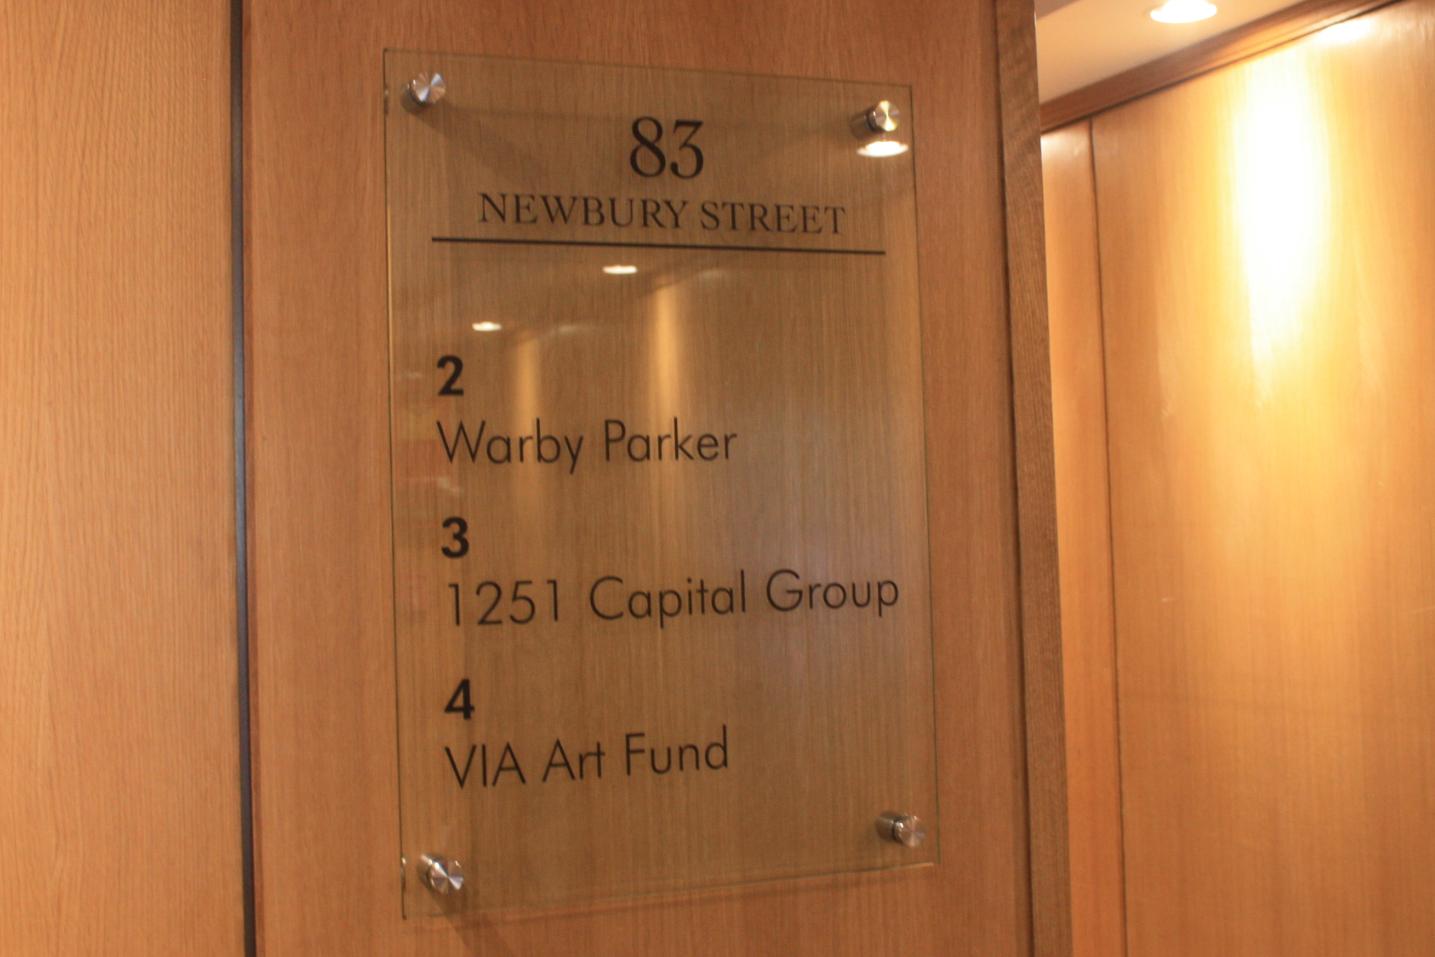 83 Newbury Street